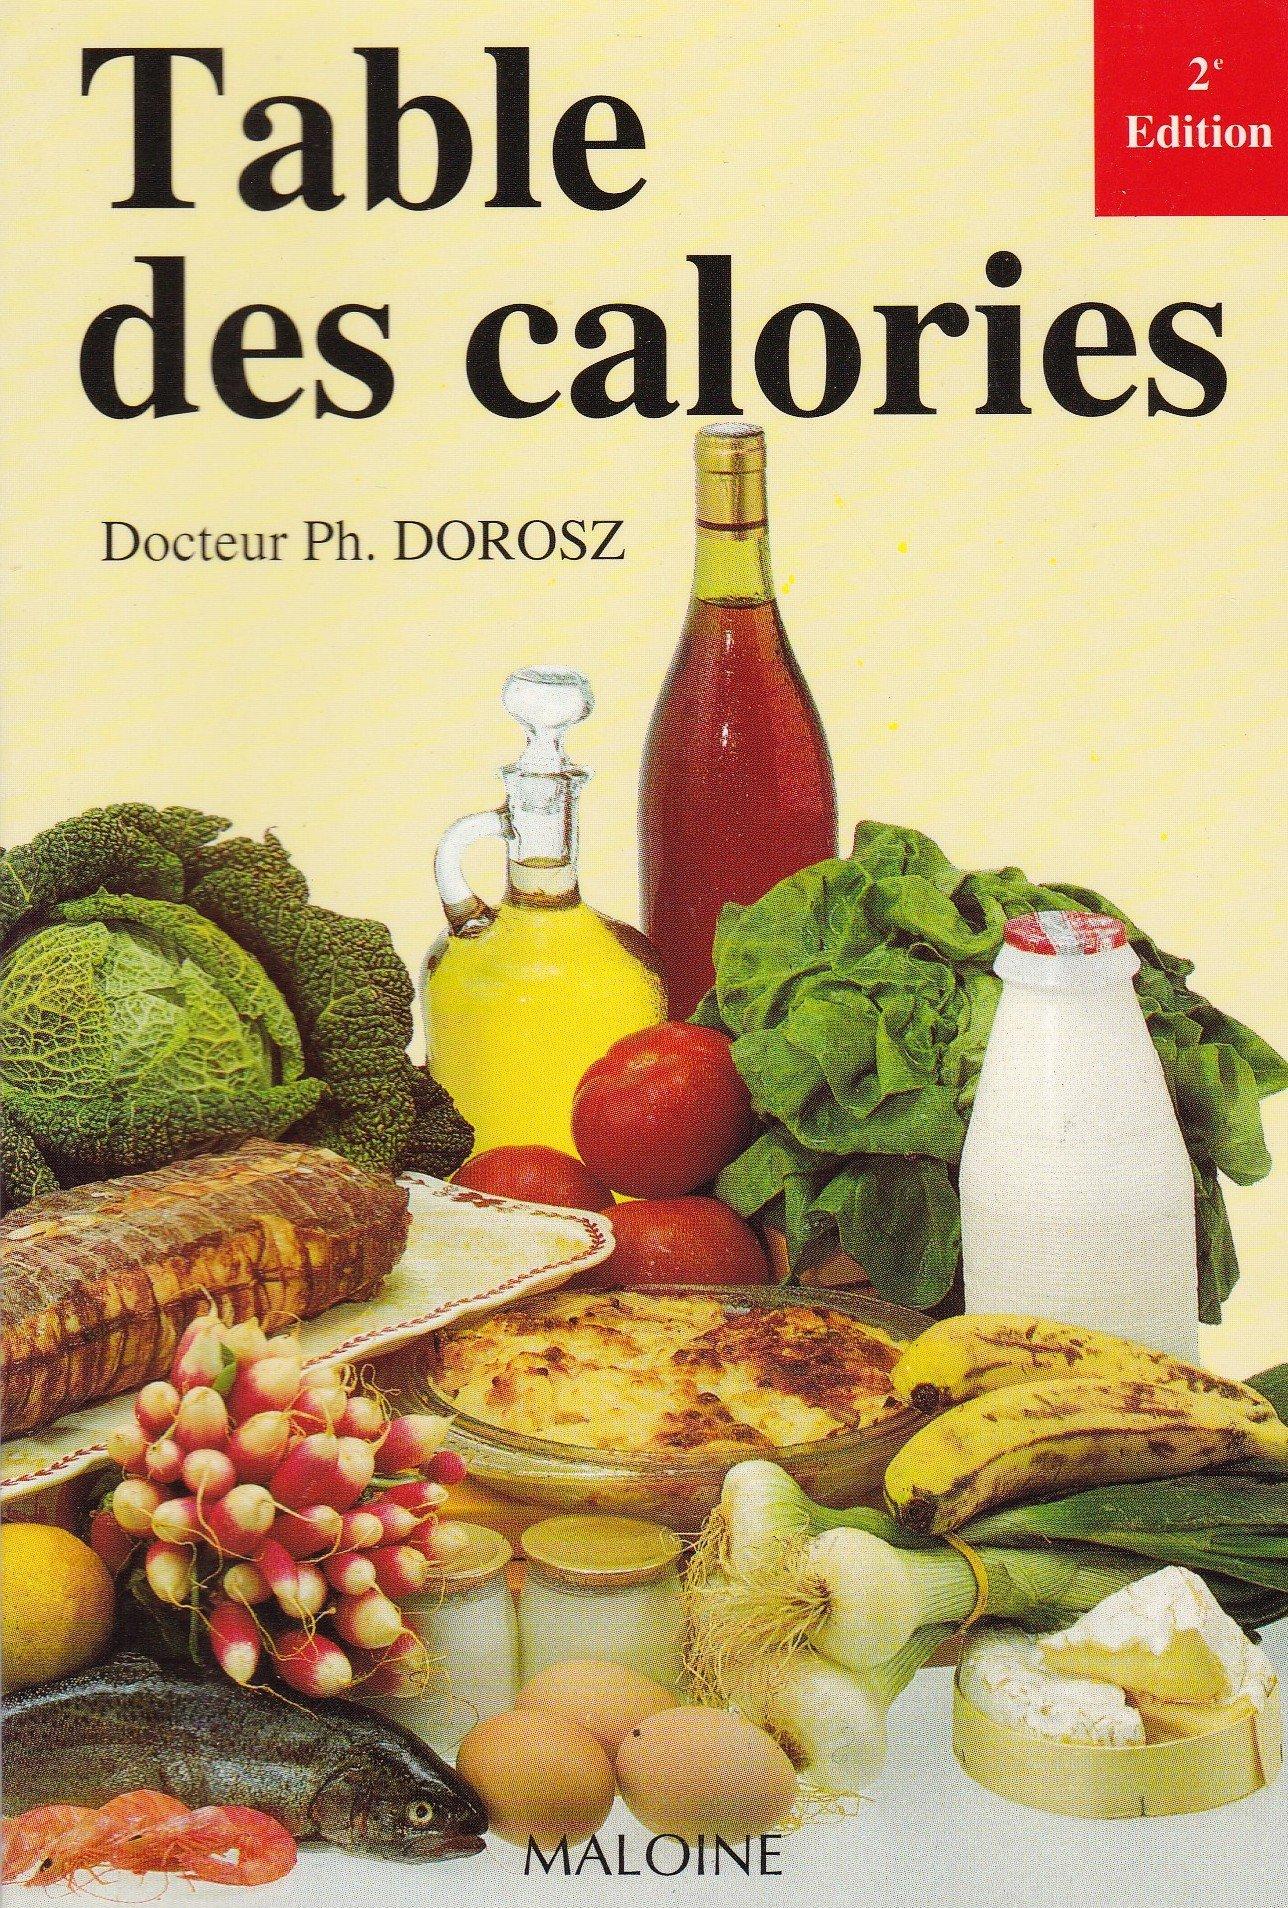 Table des calories Broché – 1 mars 1996 Philippe Dorosz Maloine 2224021445 Alimentation